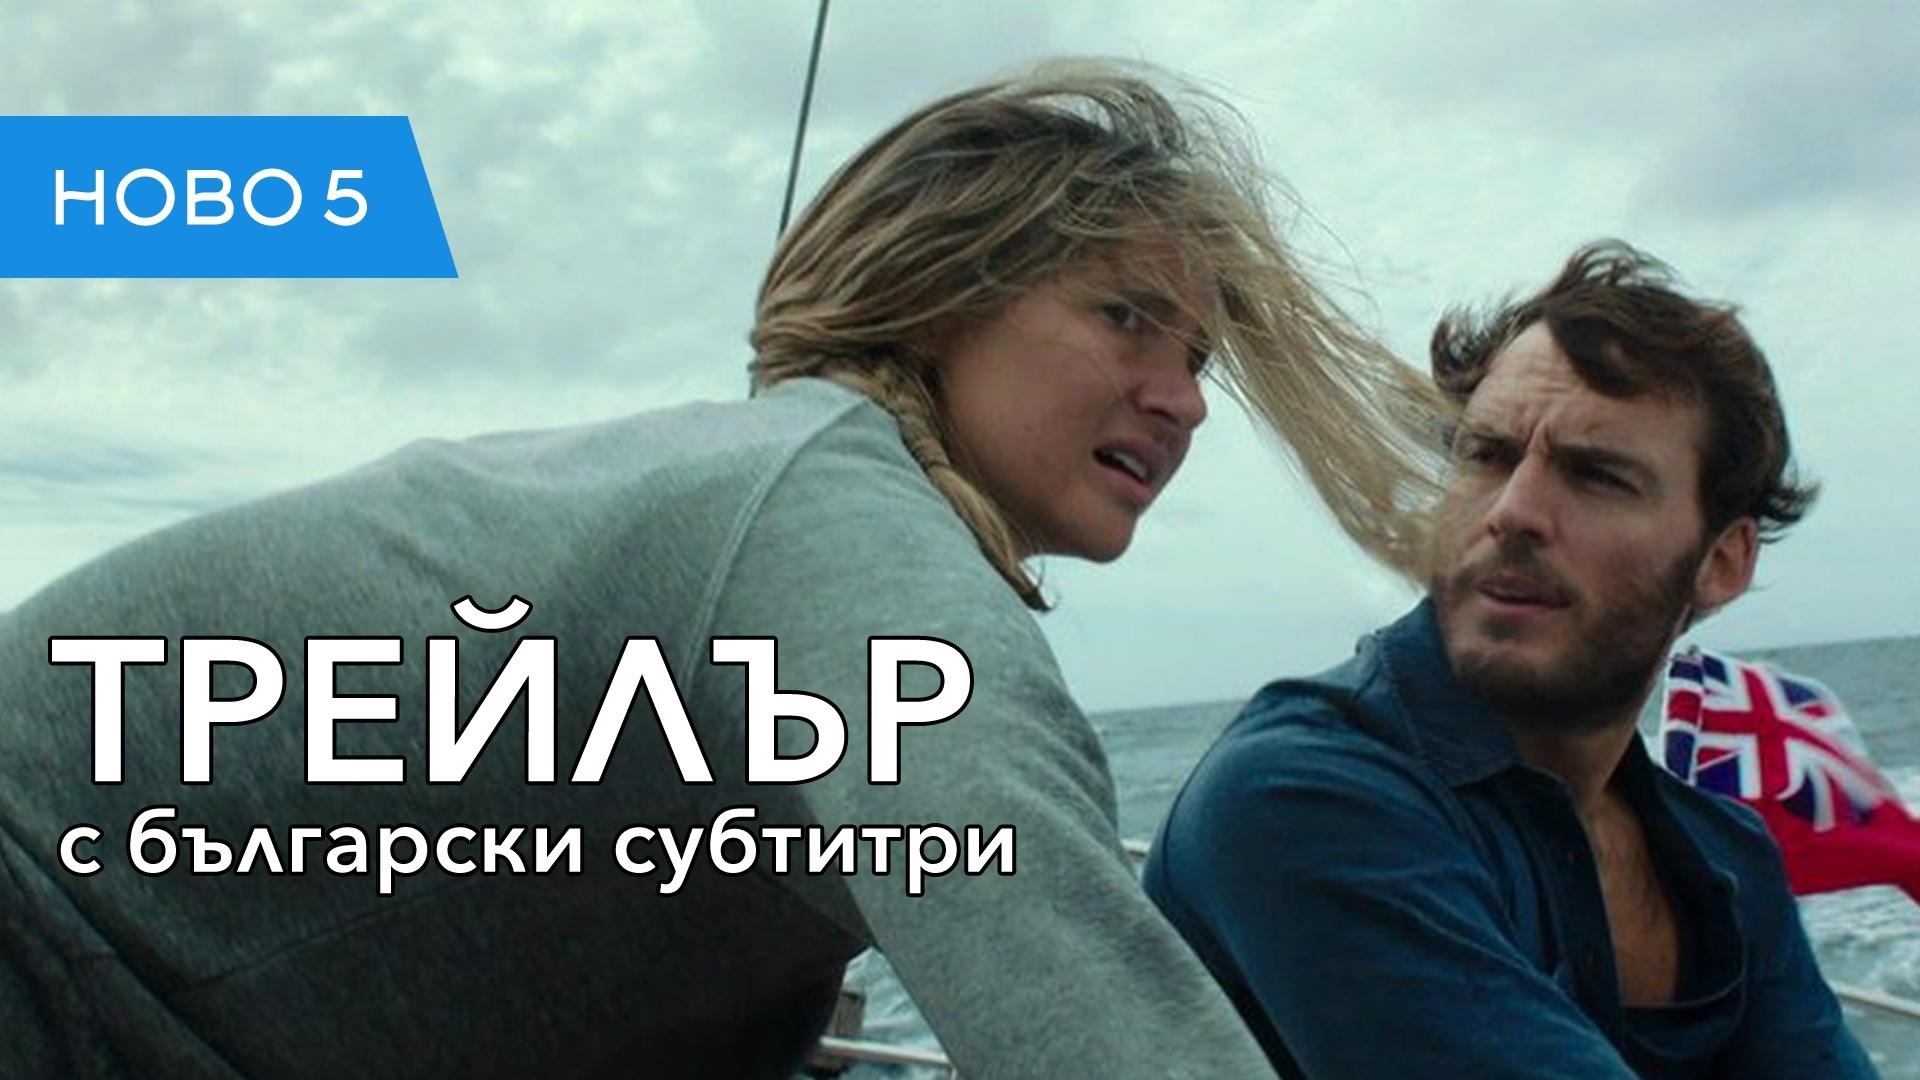 Дрейф (2018) трейлър с български субтитри